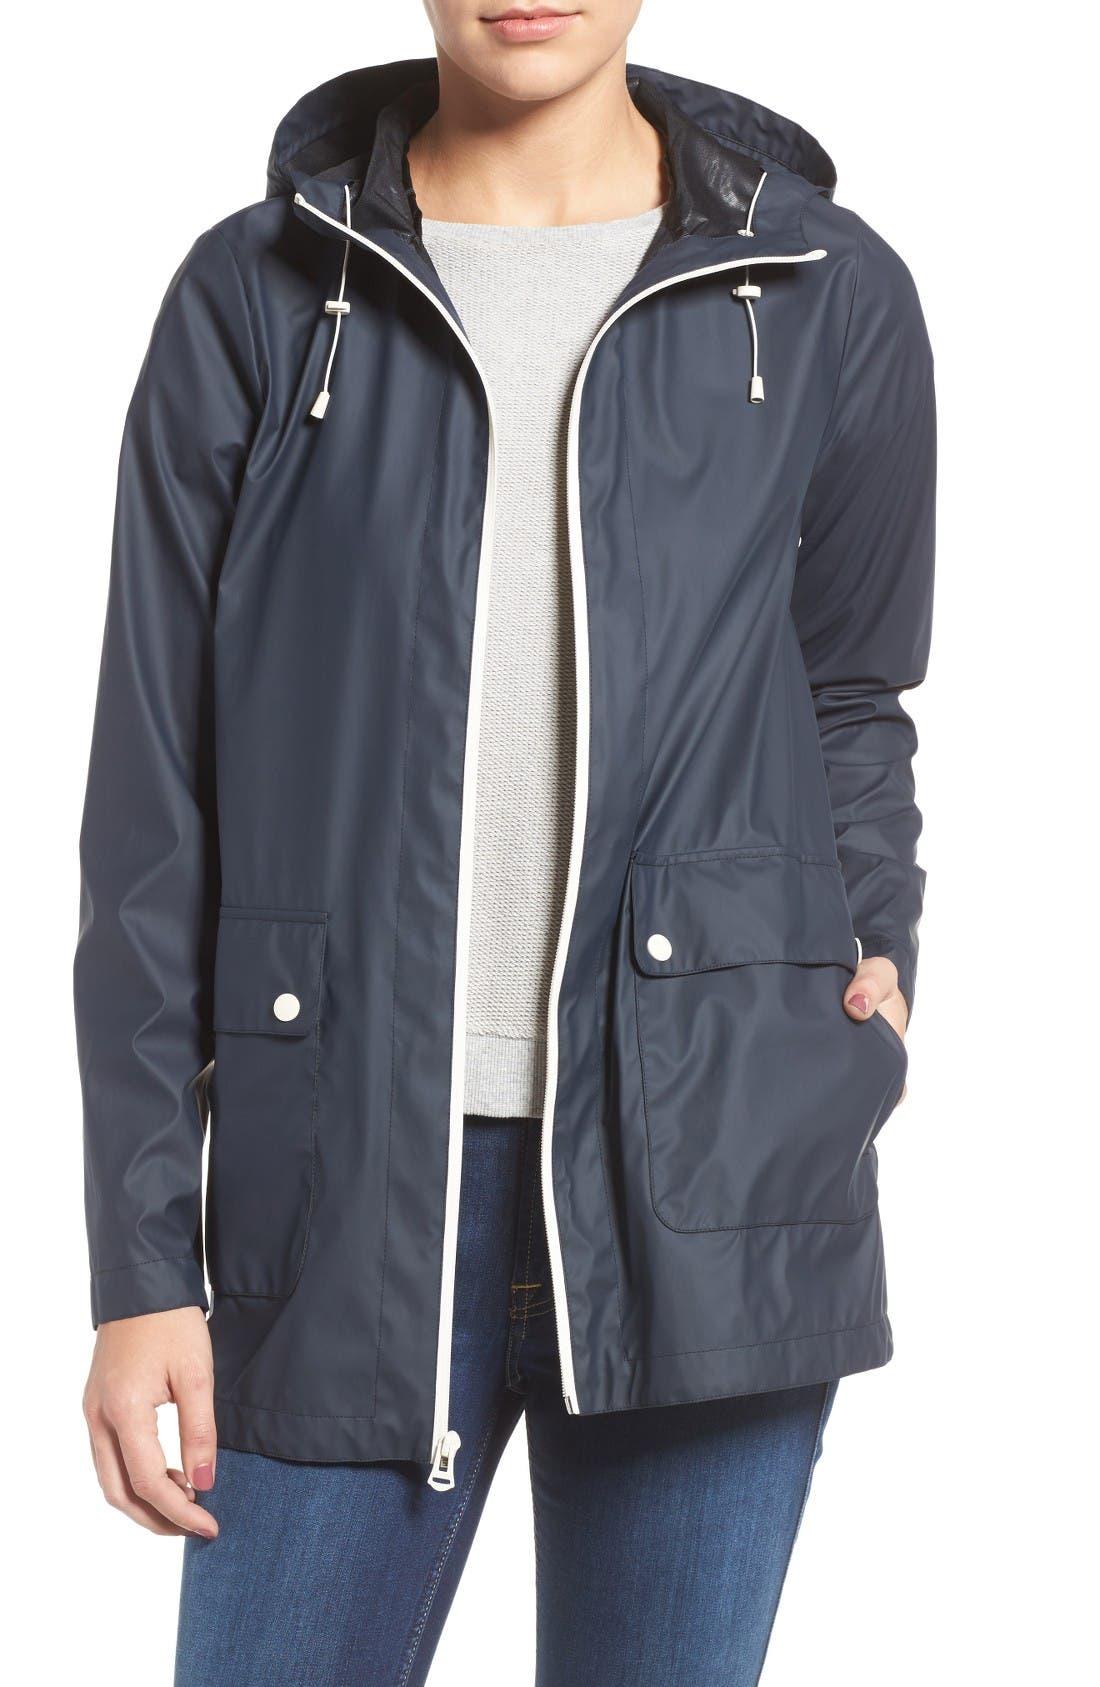 Cole Haan Hooded Rain Jacket